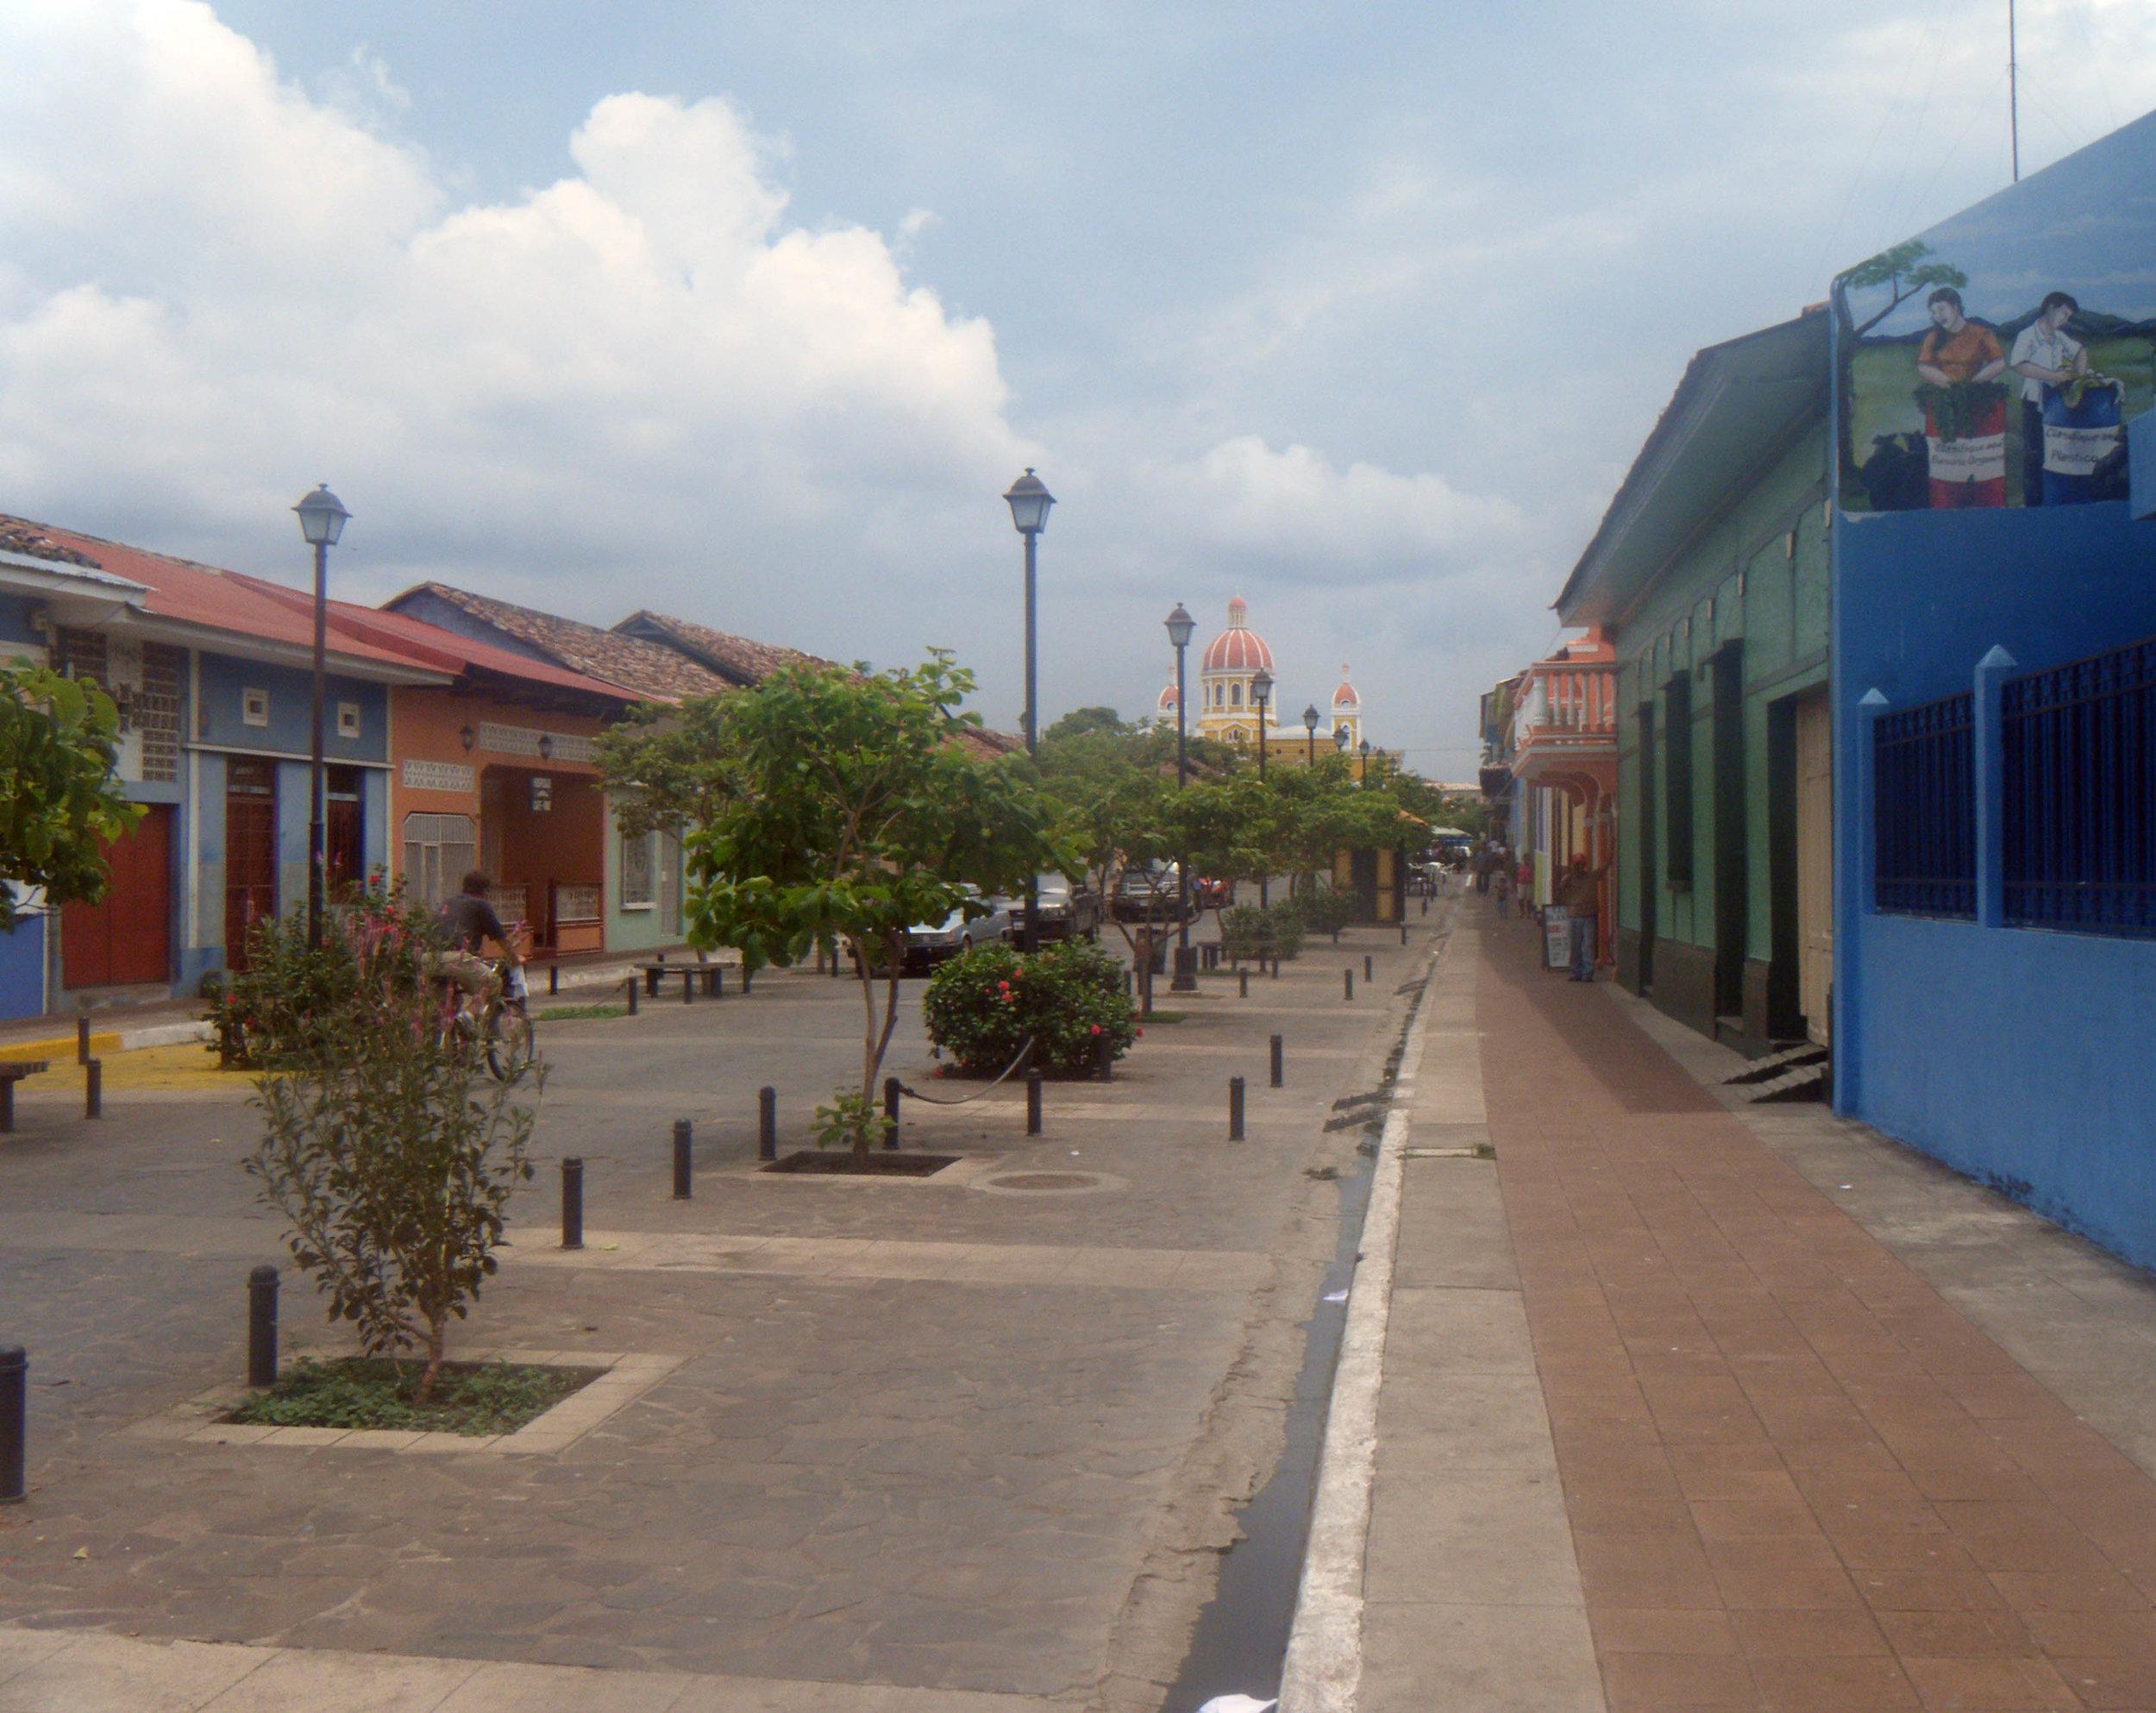 Avenida La Calzada.jpg